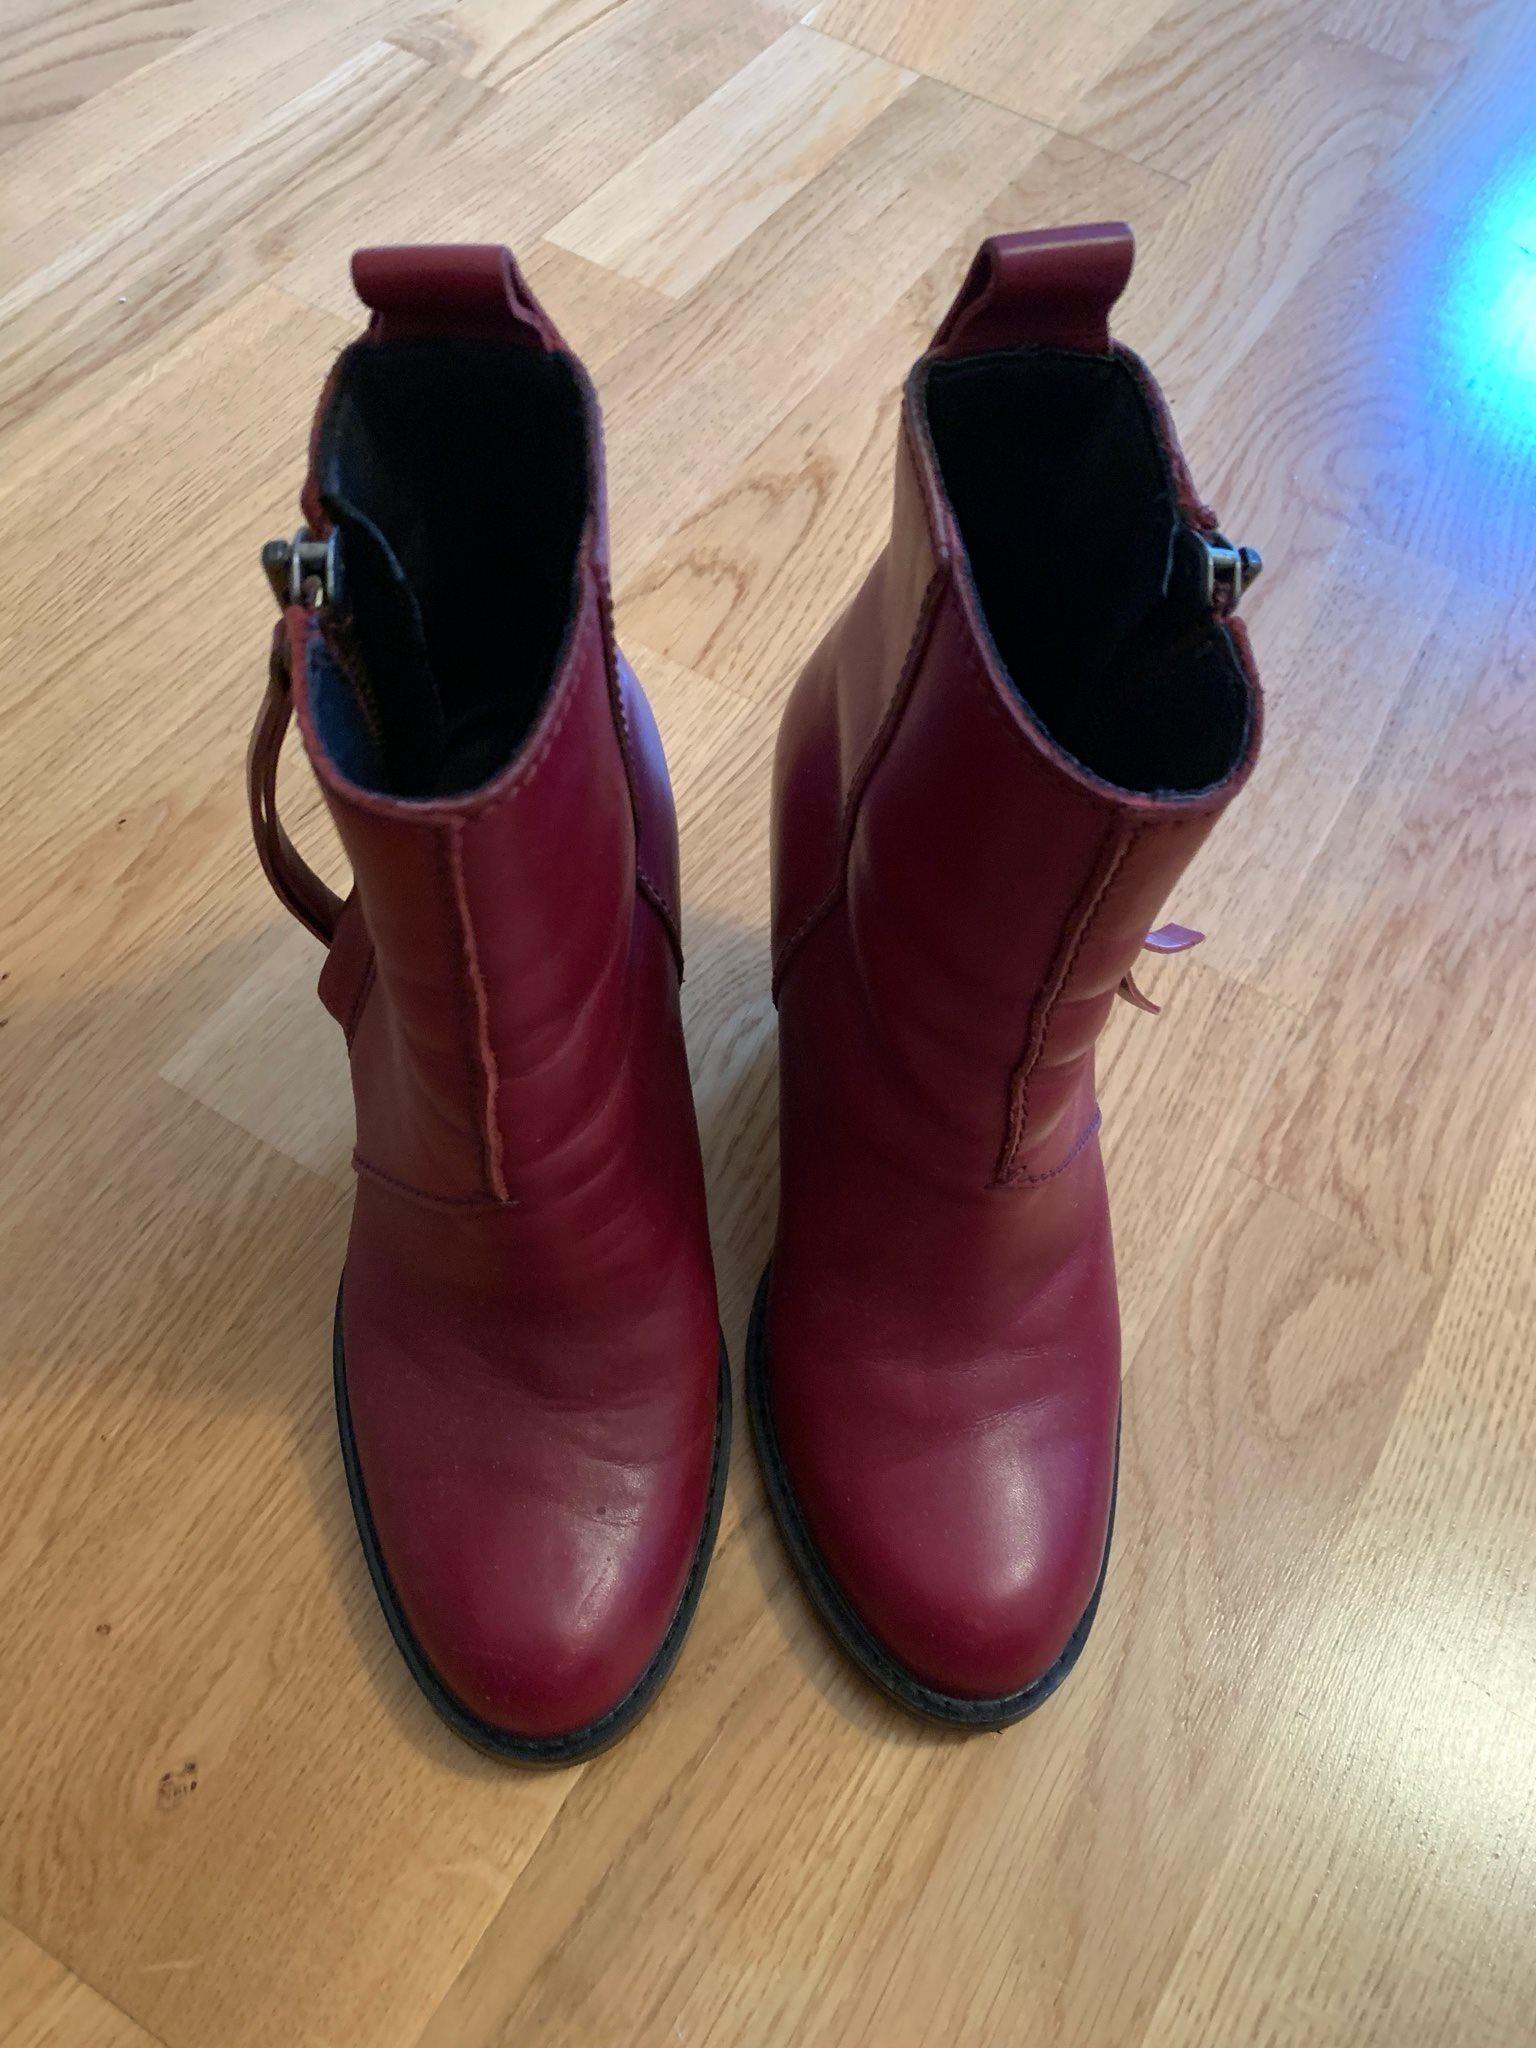 3e83dcb71b7d Acne jasna boots